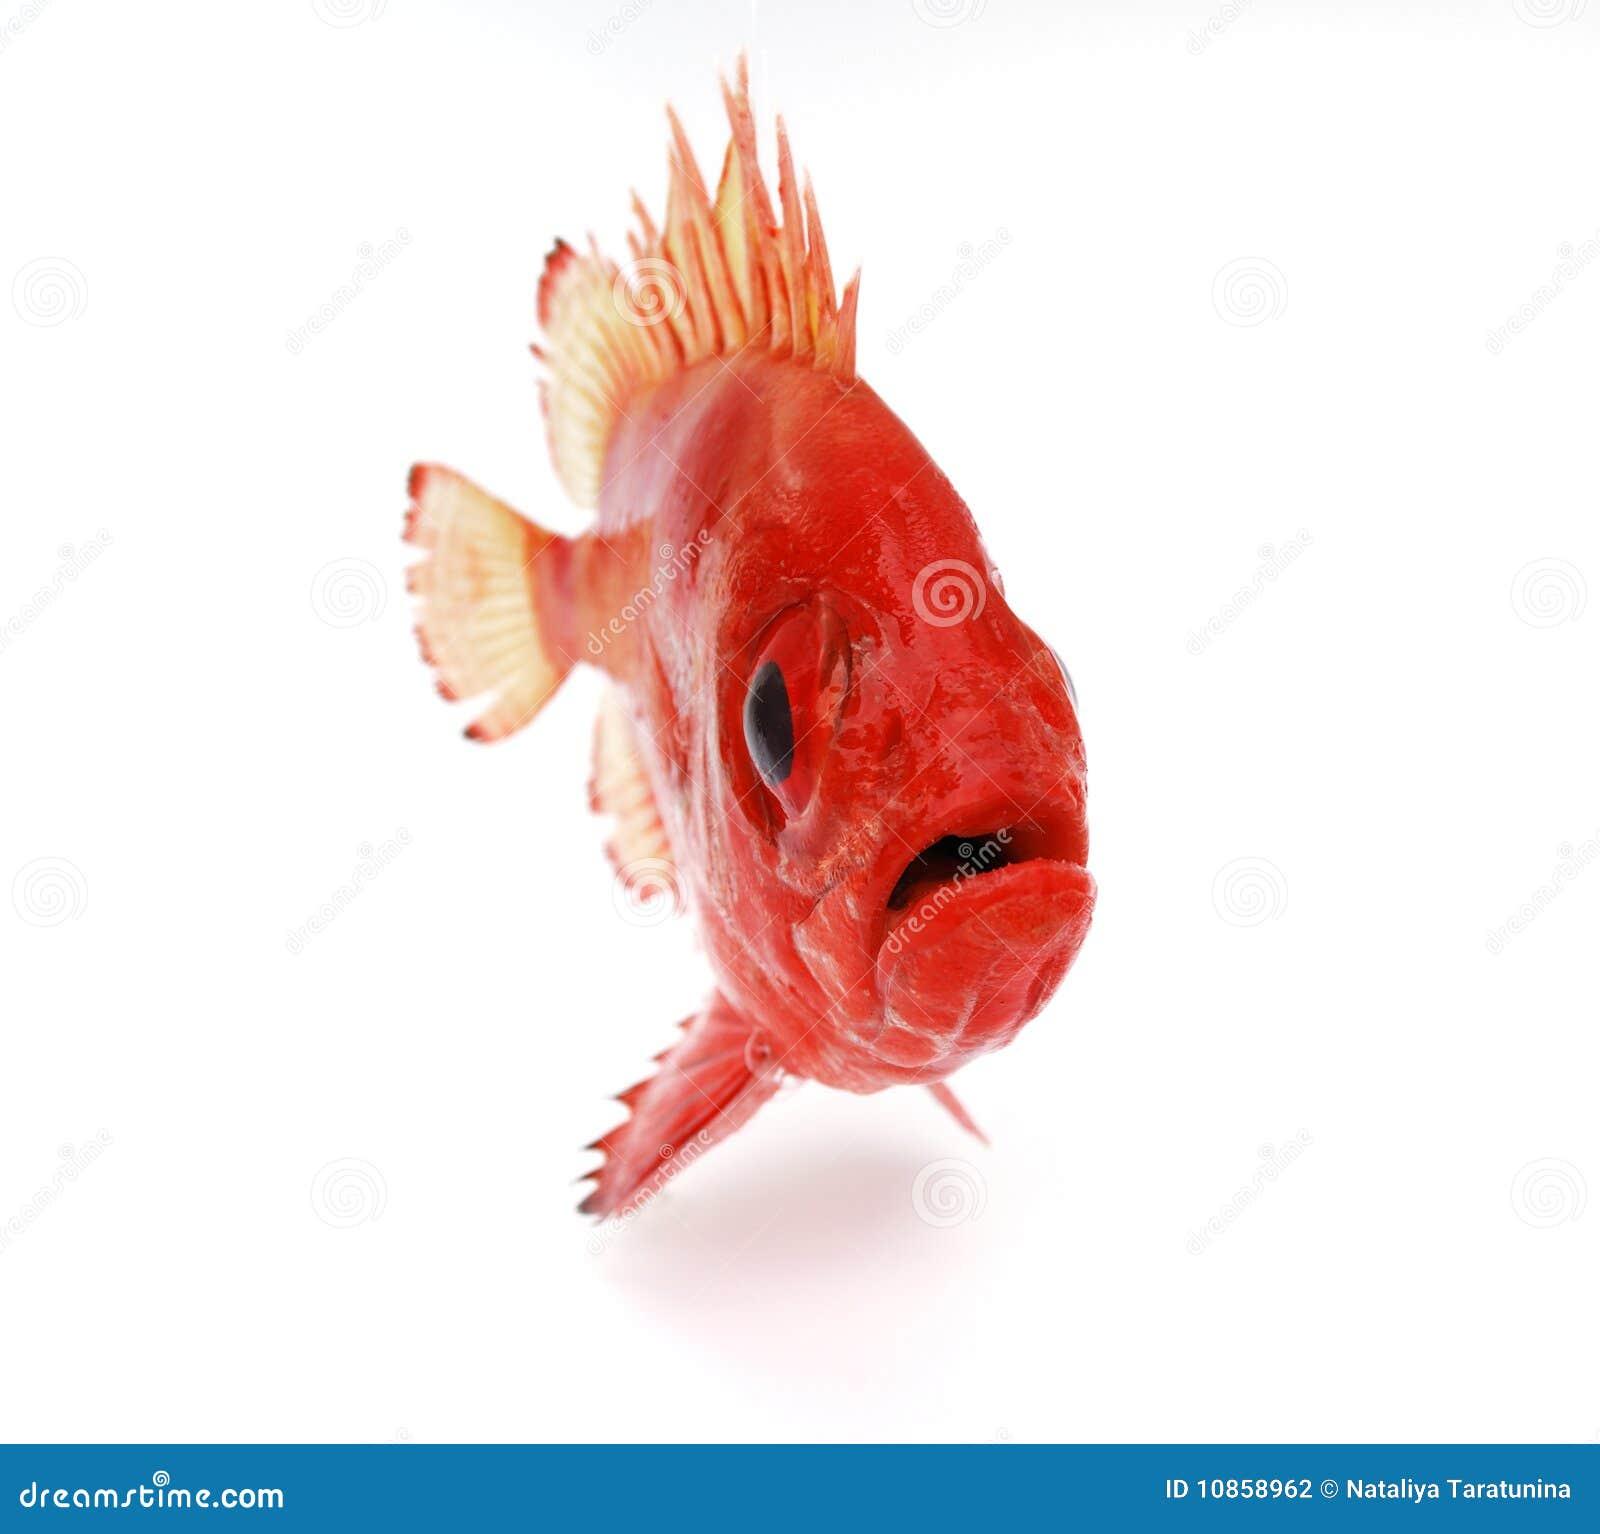 Pesci rossi fotografia stock immagine di pesca seafood for Vaschetta per pesci rossi prezzi